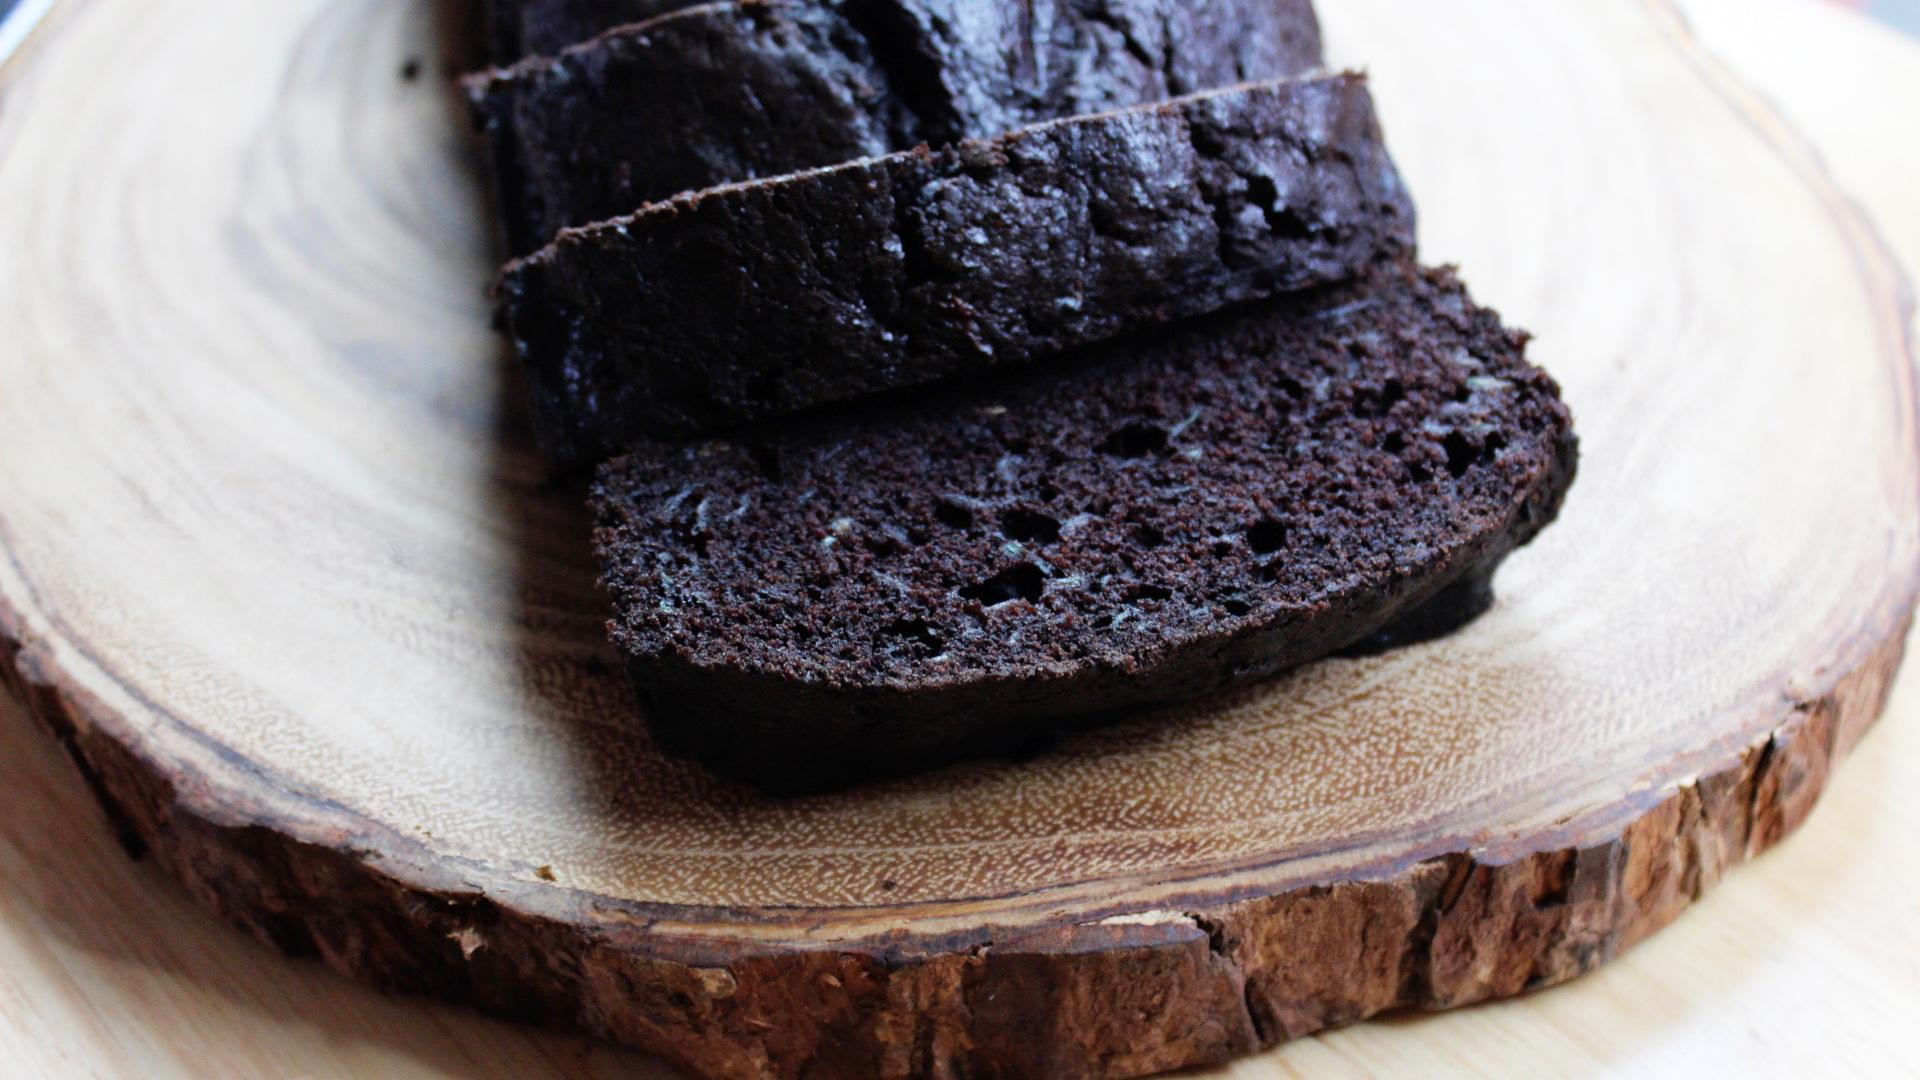 Bolo de Chocolate com Abobrinha (Chocolate Zucchini Bread)